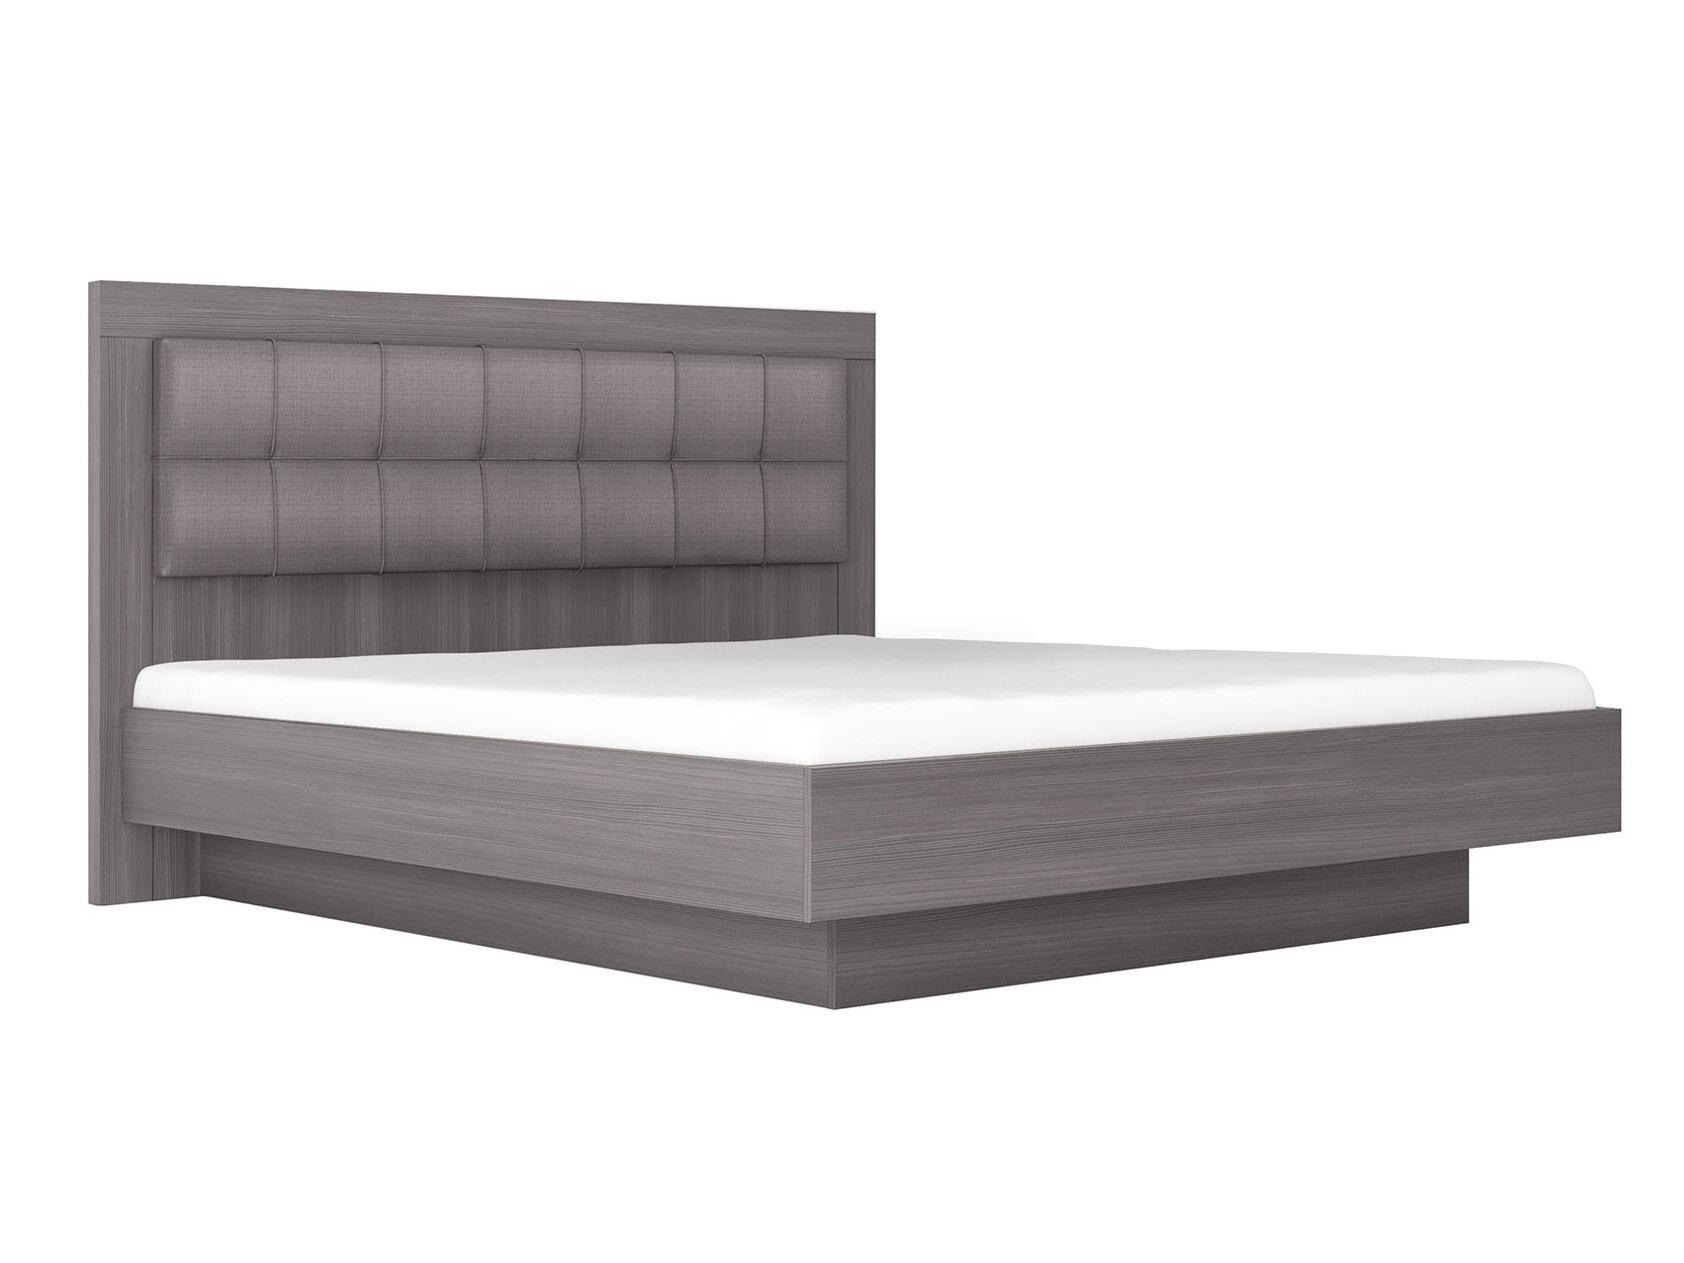 Двуспальная кровать Парма НЕО 5 Лиственница темная/Экокожа